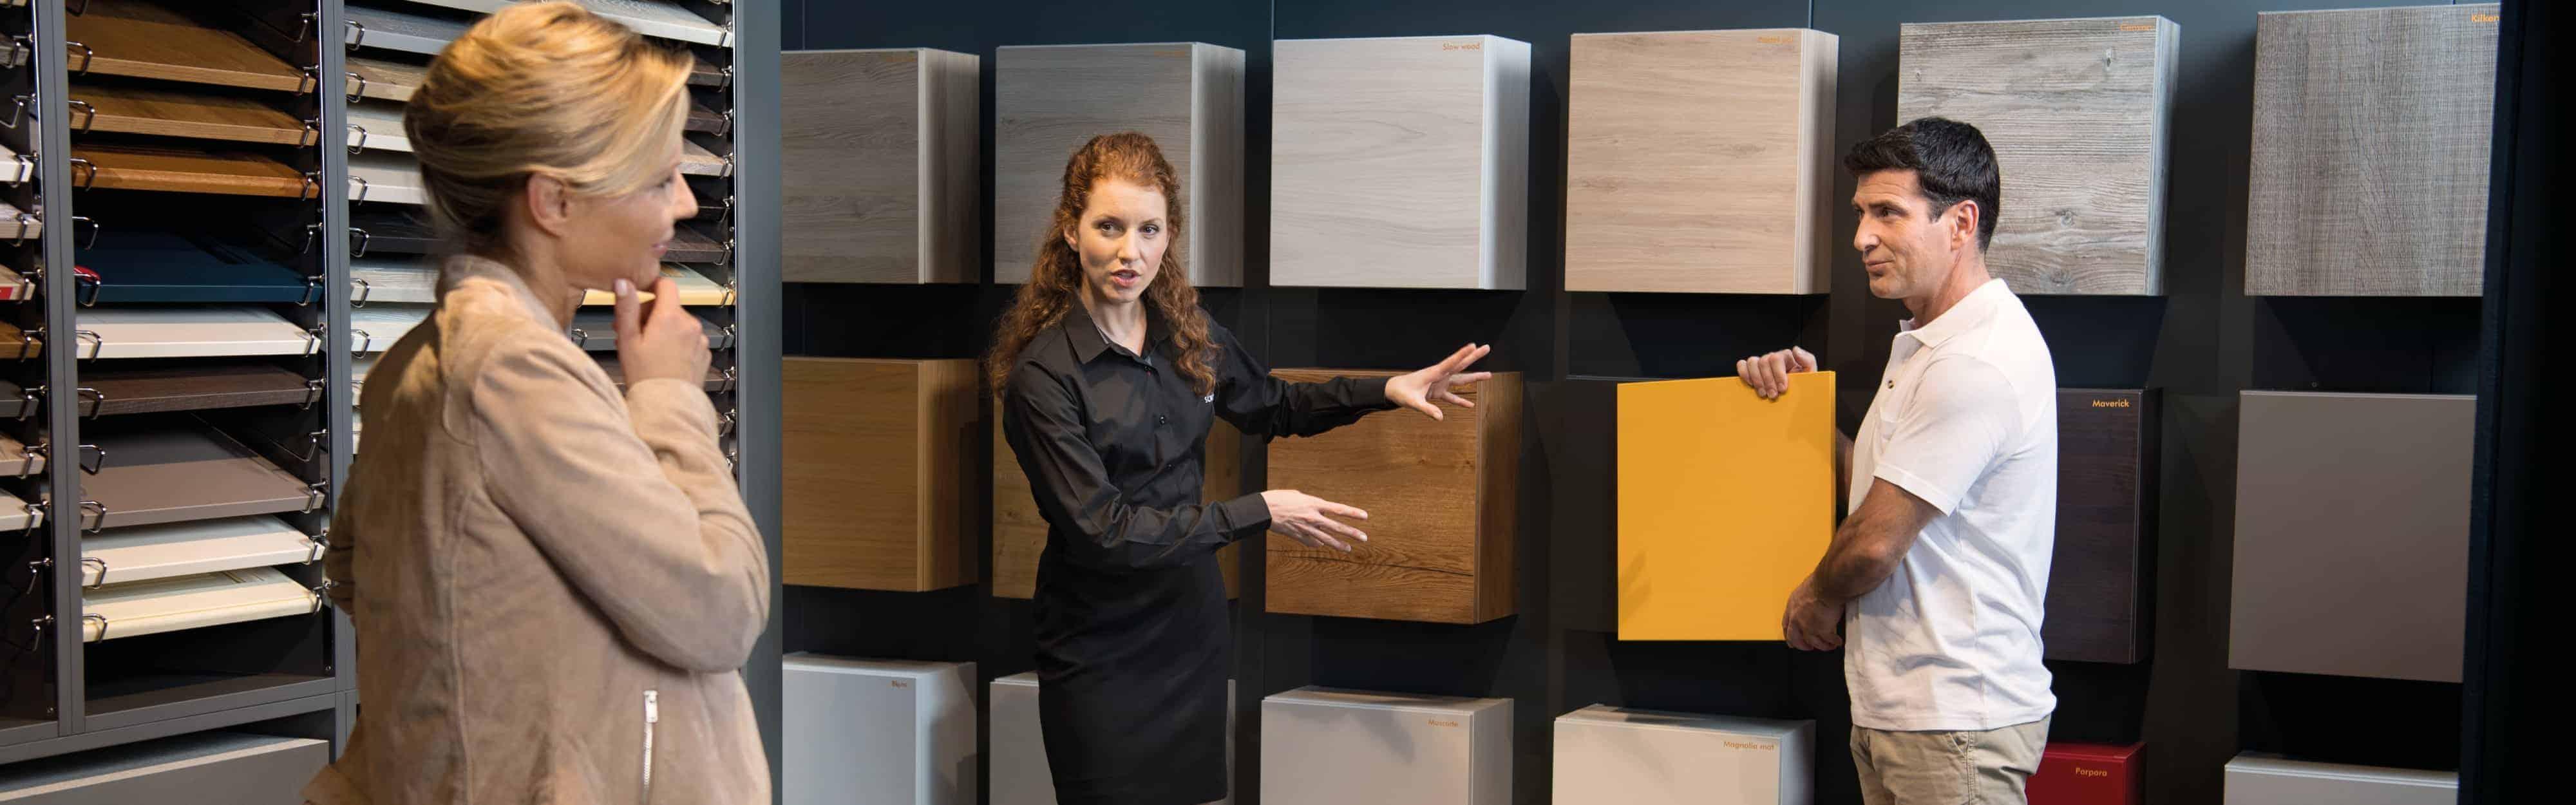 Schmidt-konsulent inspirerer og giver ideer til nyt køkken